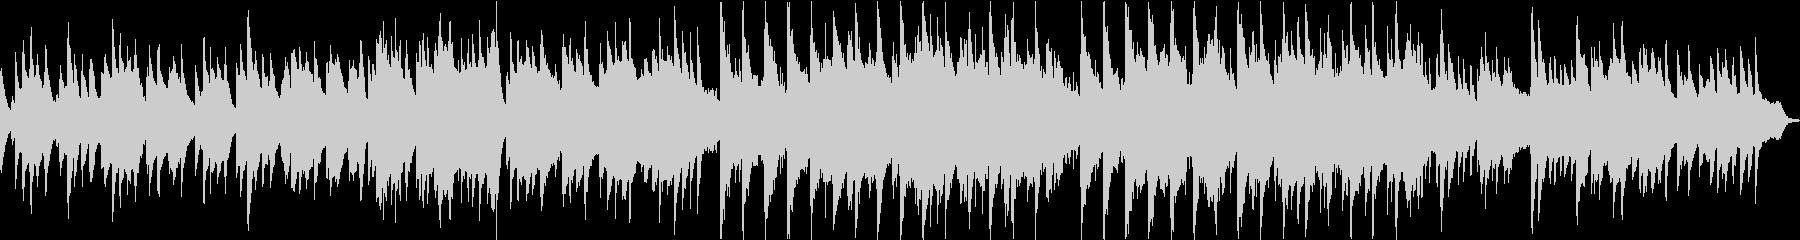 ピアノの旋律が切ない6/8拍子の未再生の波形